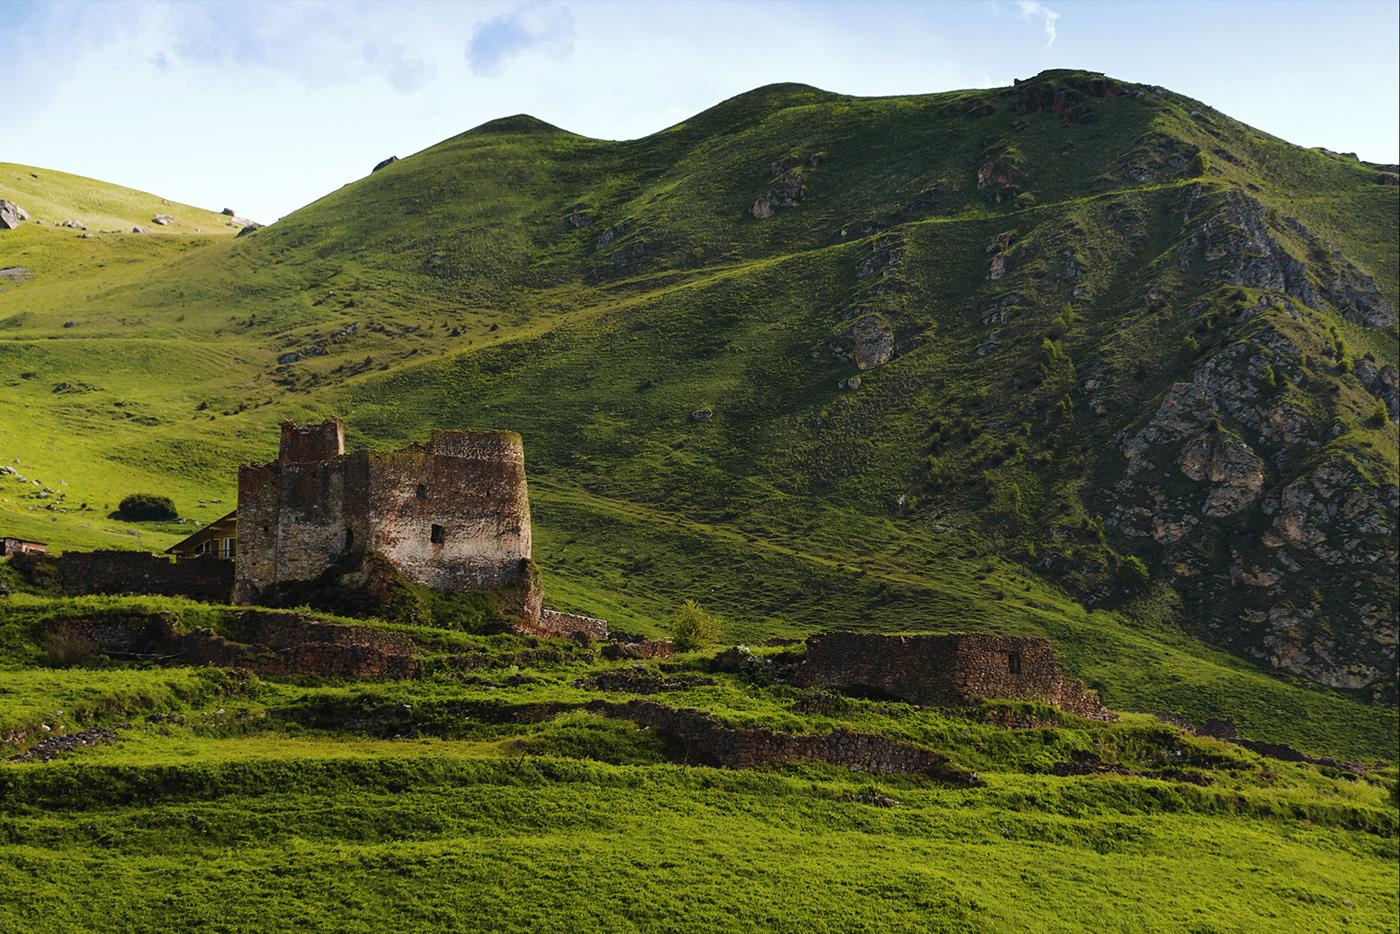 drone,drone film,Film  ,Landscape,Nature,Ossetia,vimeo